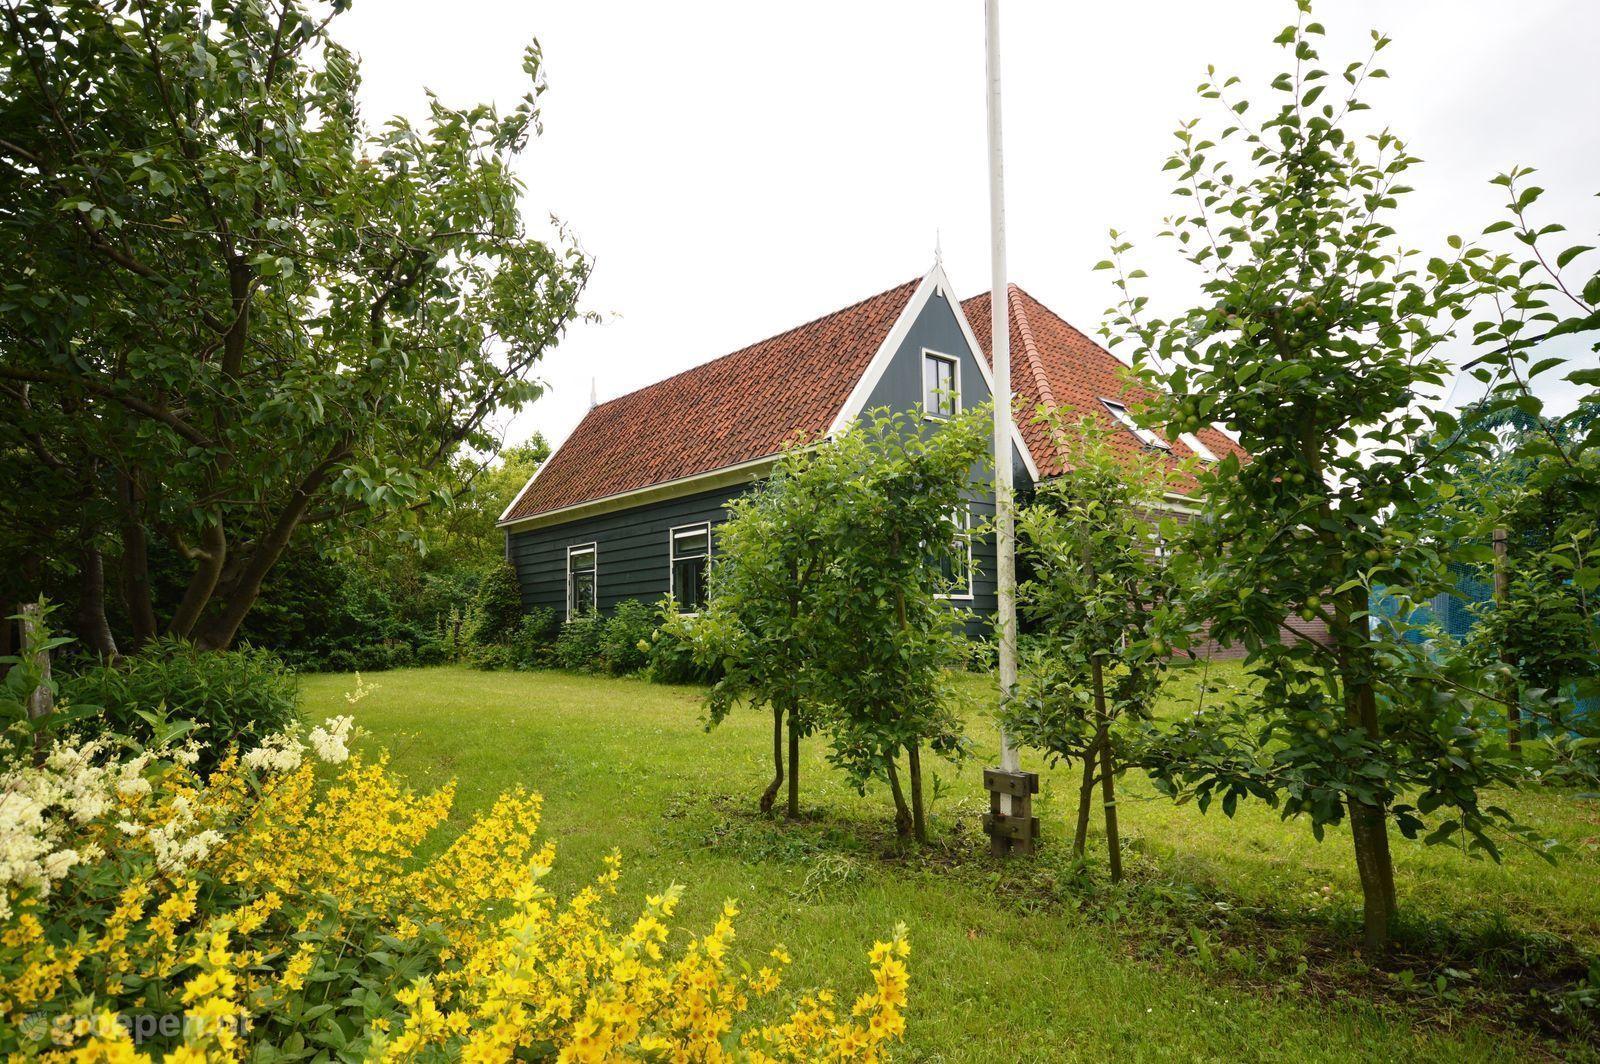 Vakantiehuis Zuidoostbeemster - 18 personen - Nederland - Noord-Holland